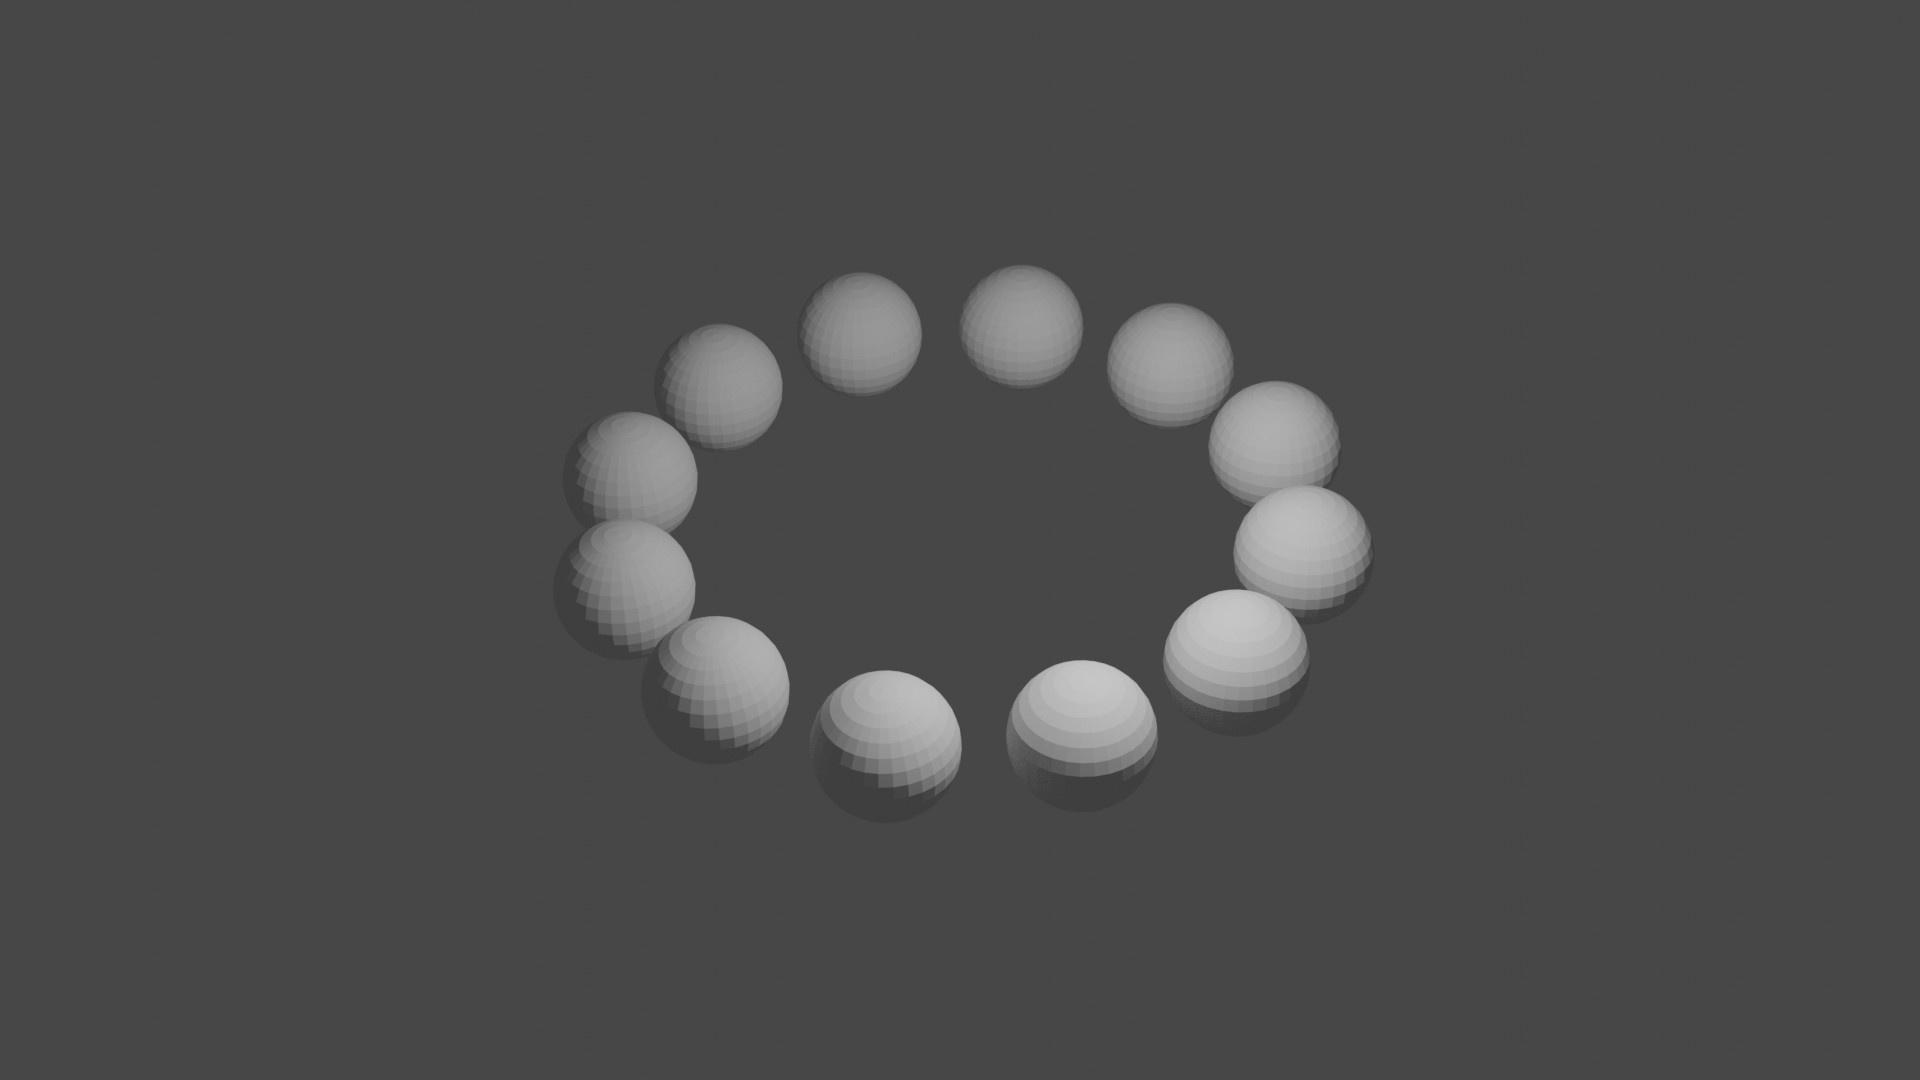 円周上に並べた球体